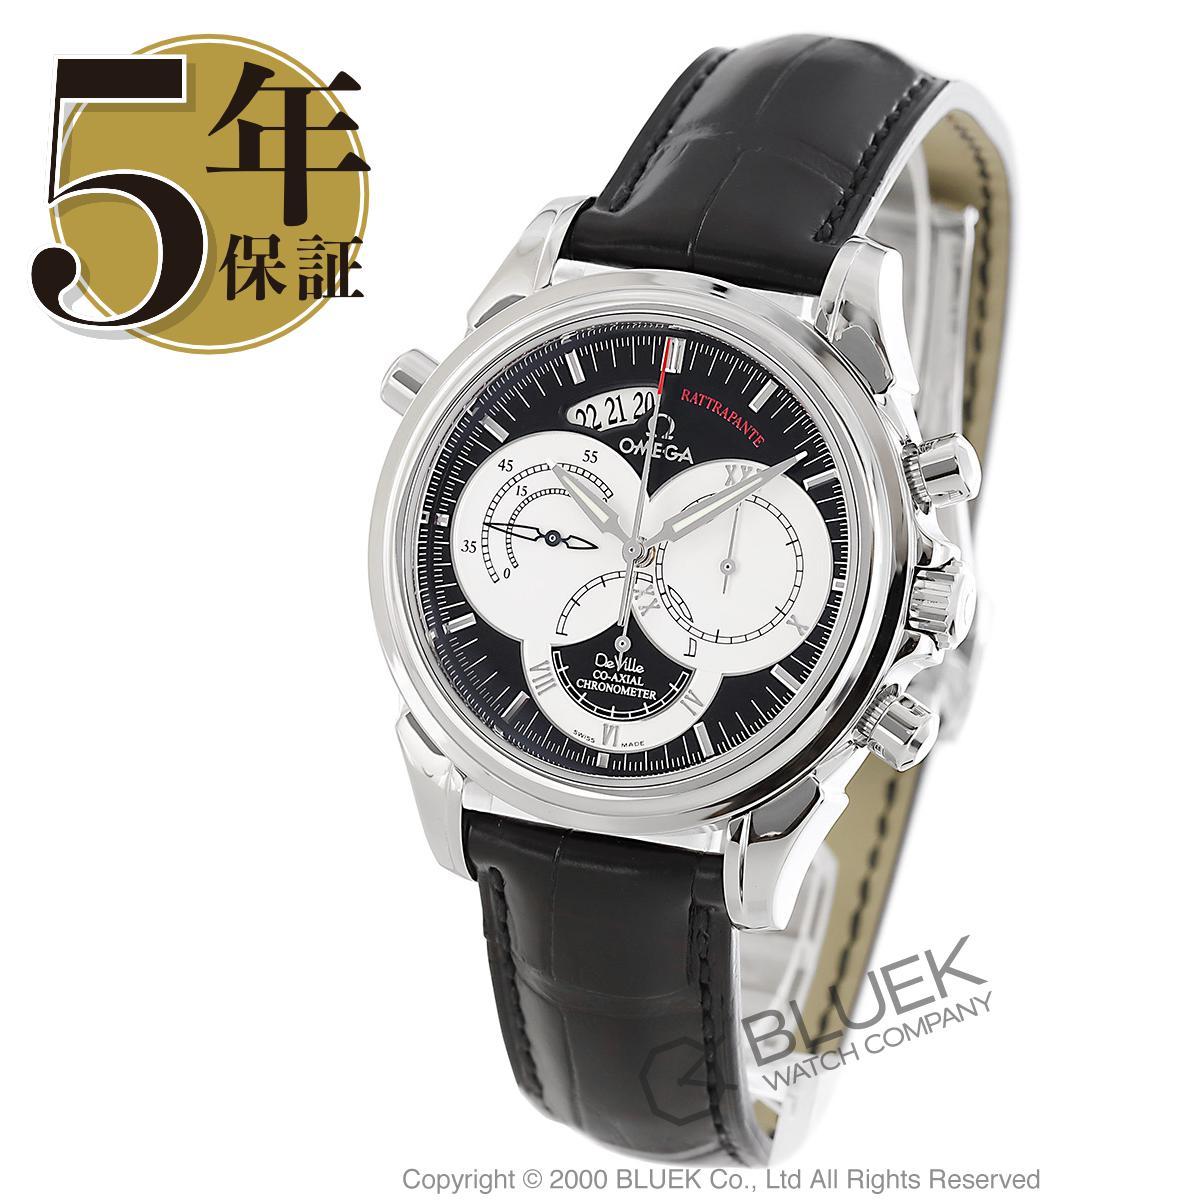 オメガ デビル コーアクシャル ラトラパンテ クロノグラフ アリゲーターレザー 腕時計 メンズ OMEGA 4847.50.31_5